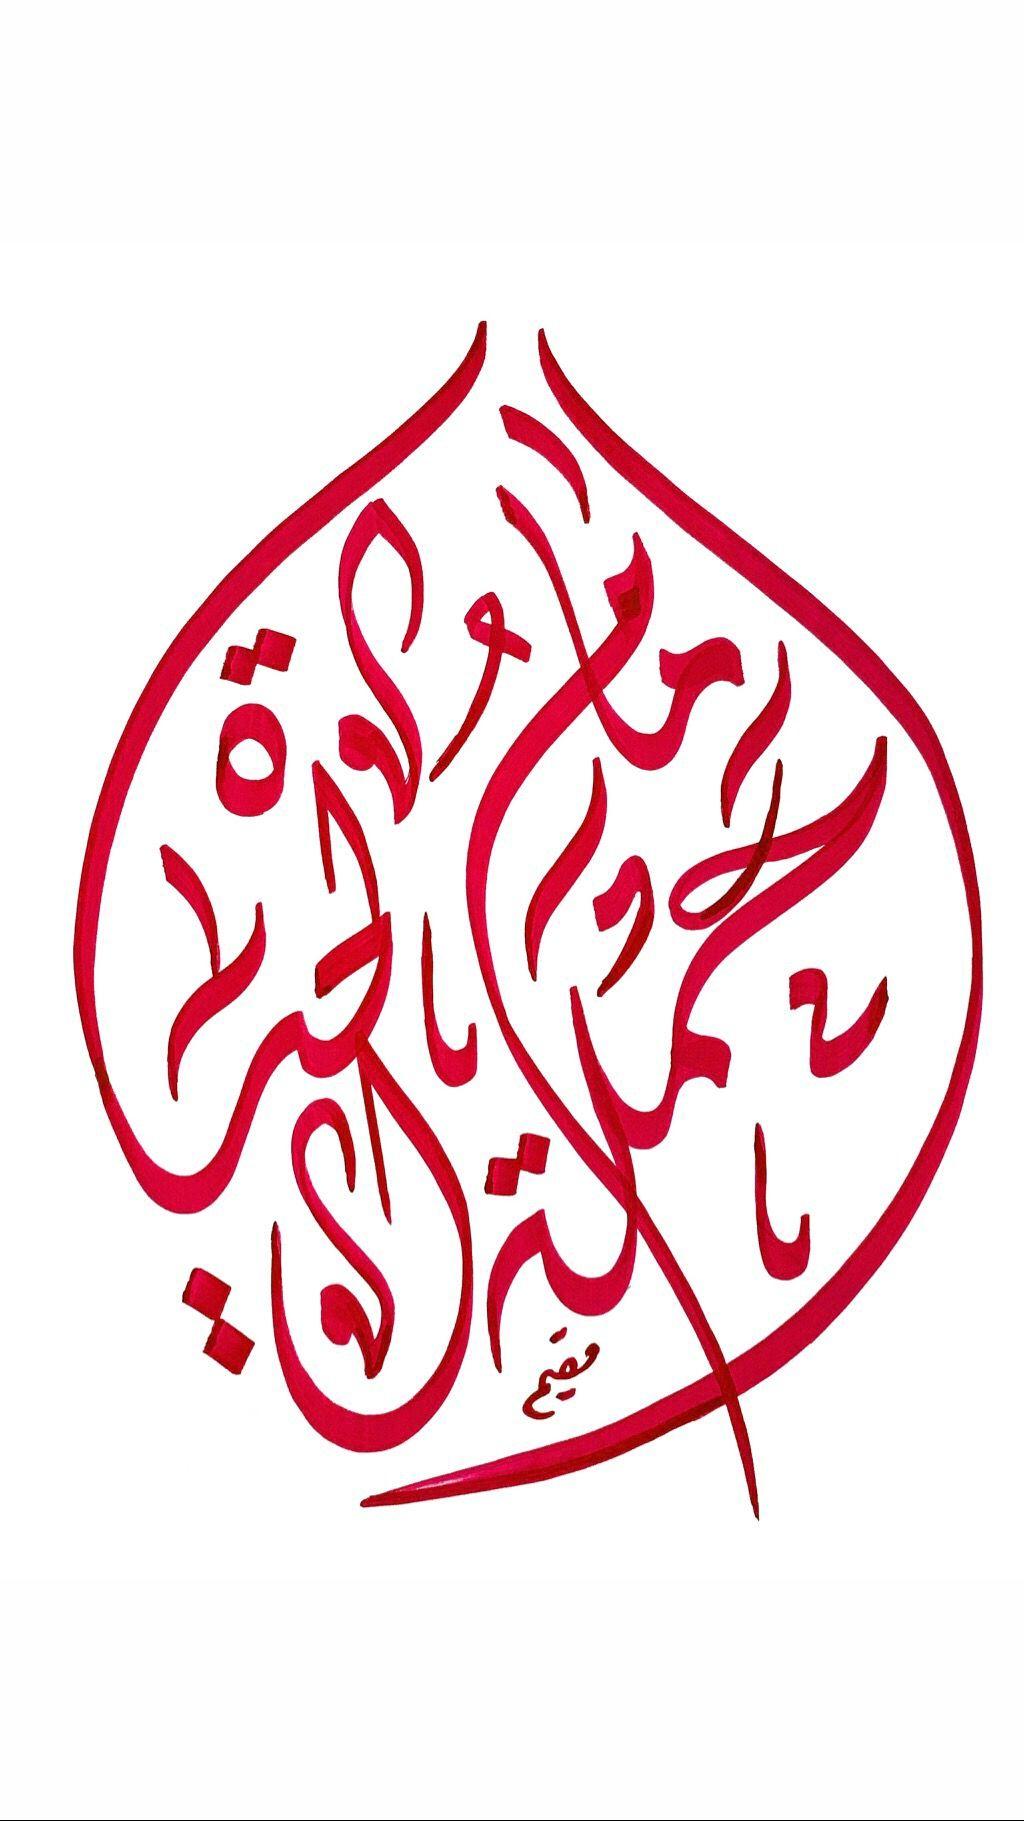 Pin oleh آل مقيم di الخط العربي Kaligrafi